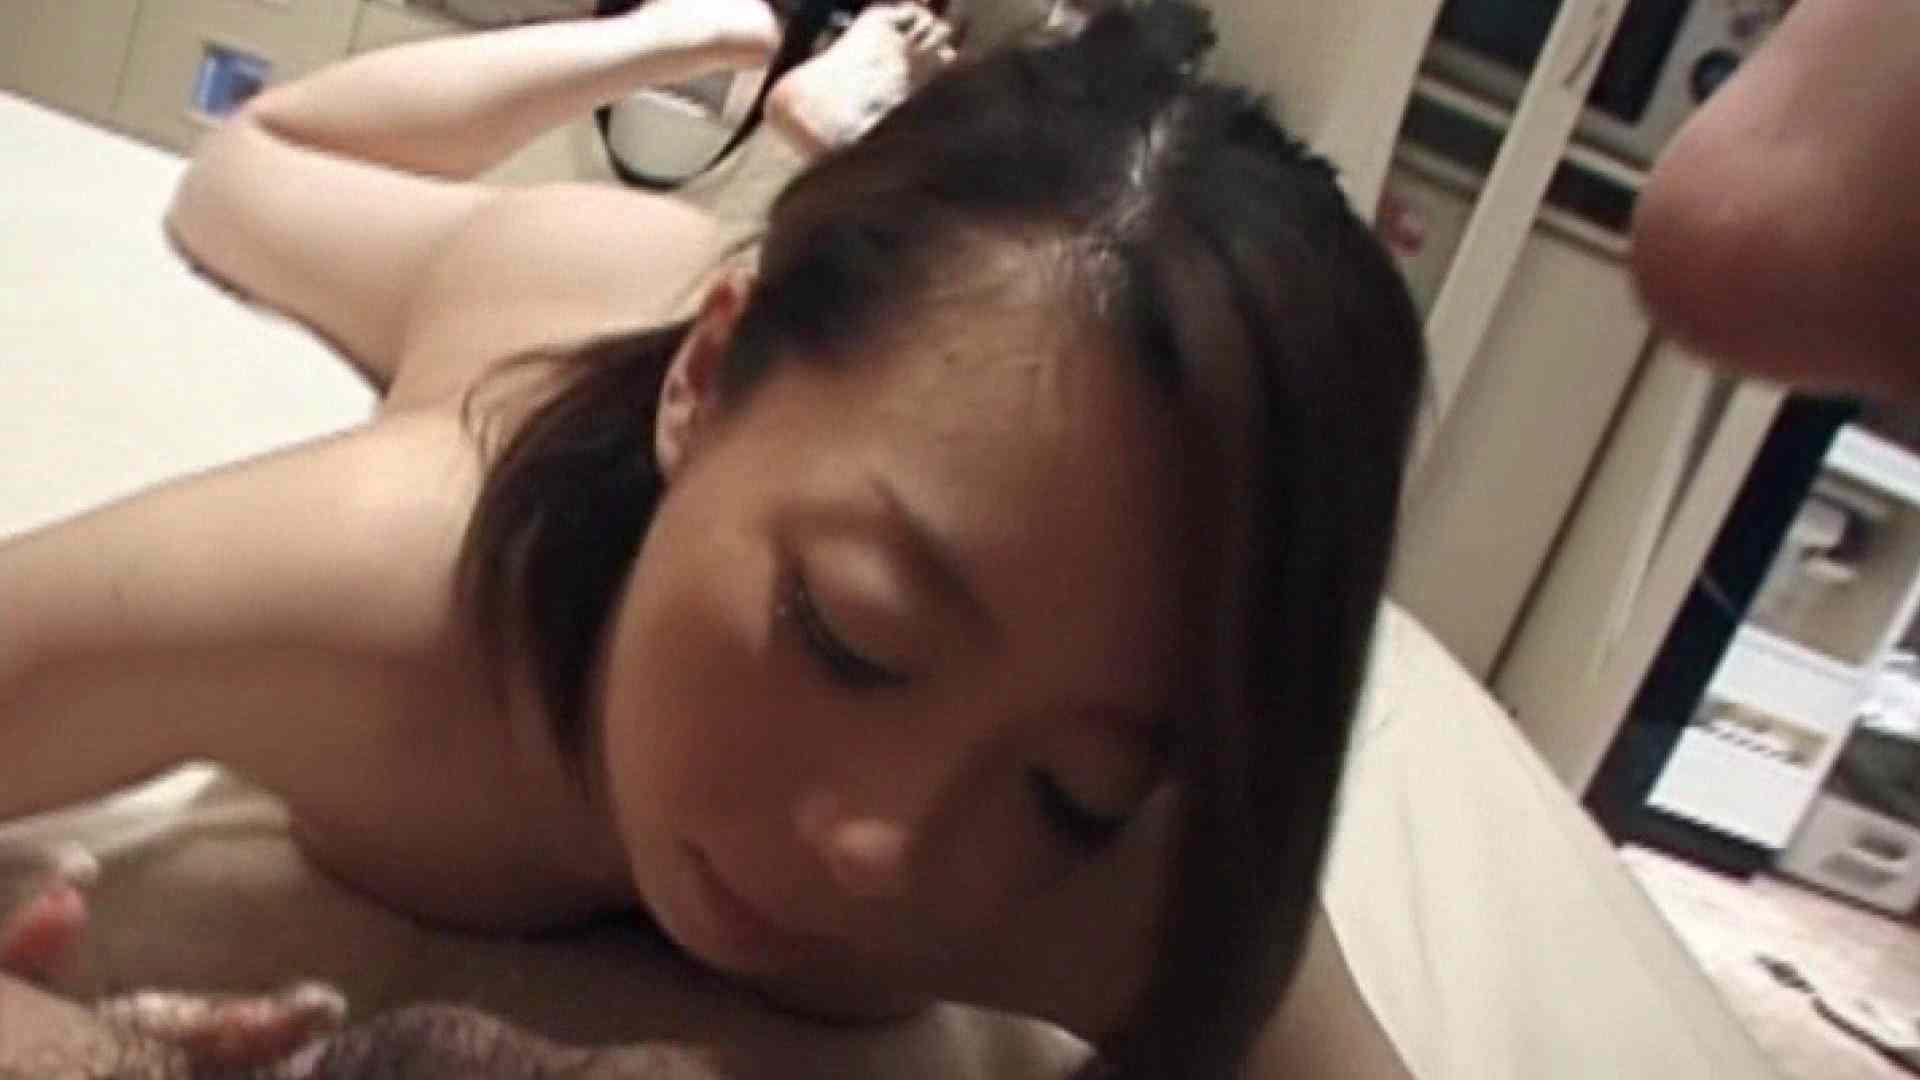 素人S級美女特選!小悪魔ギャル噂のビッチガールVol.31 後編 OL | ギャル・コレクション  40連発 22